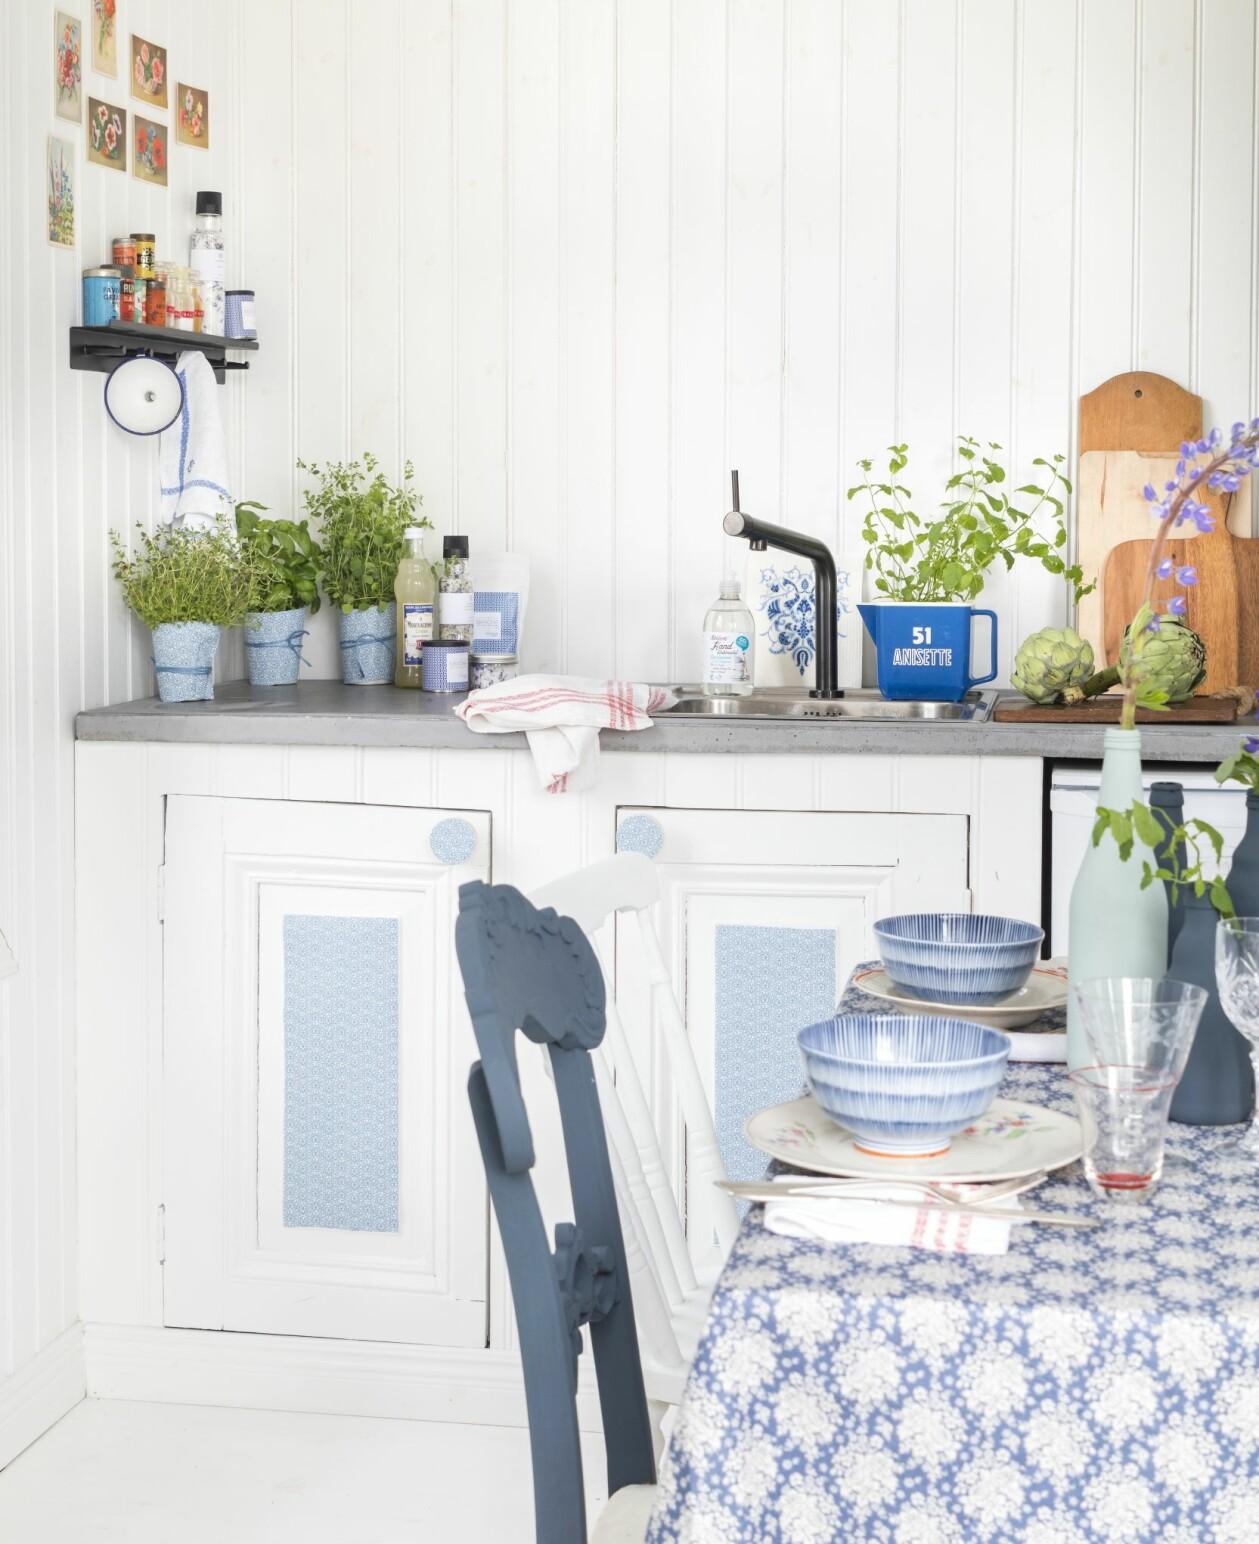 Blåvit köksmiljö med kryddor och dukat bord